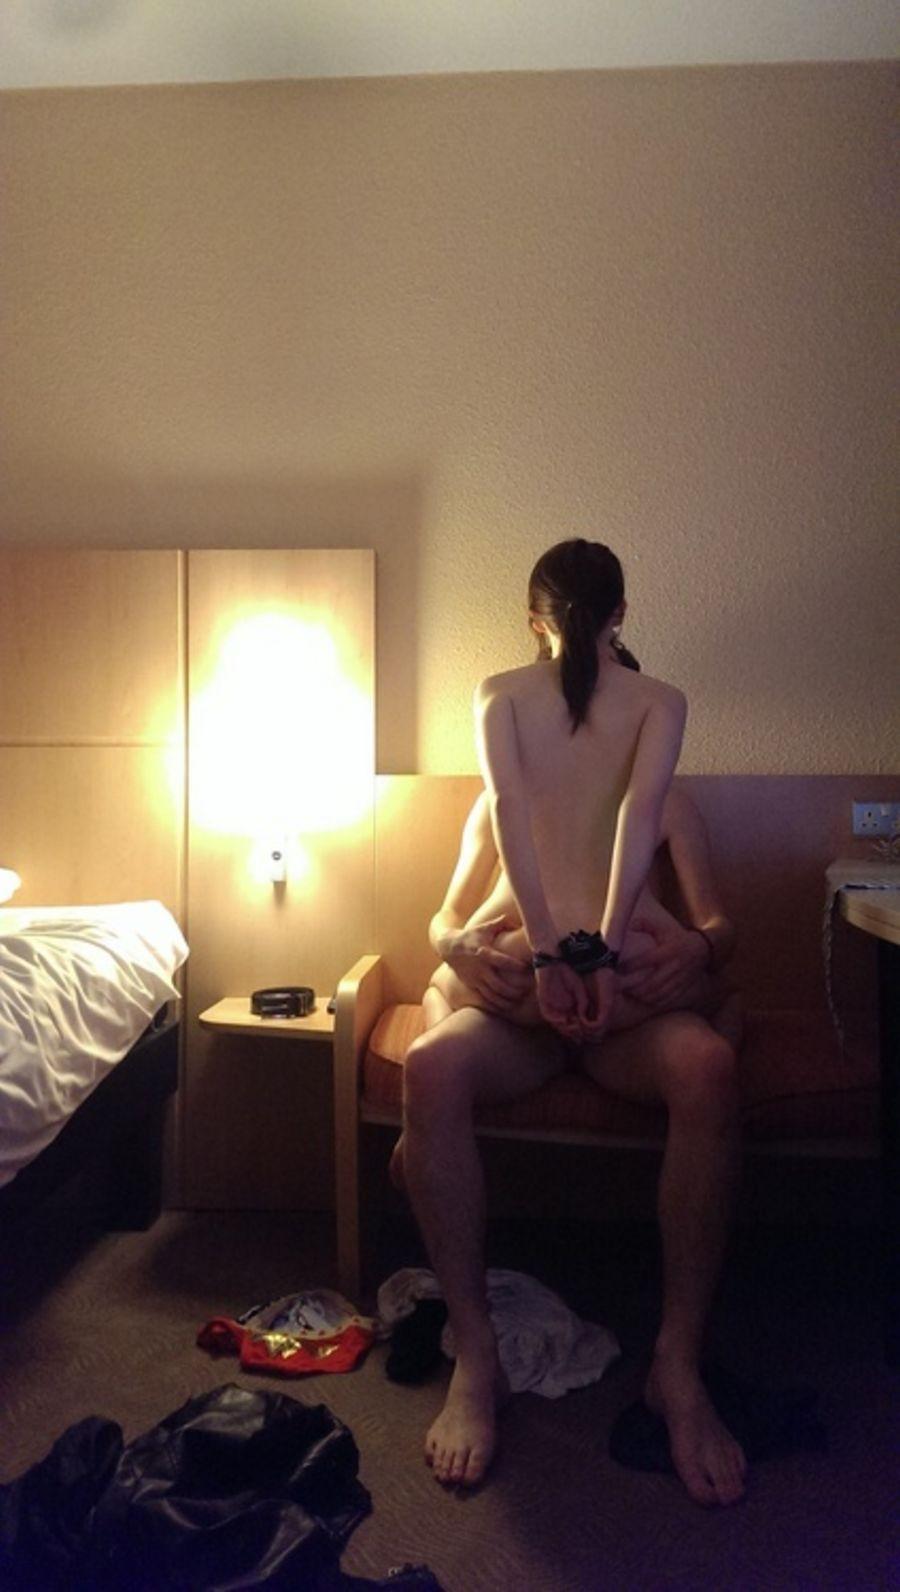 【性交エロ画像】だいしゅきホールドに最適なセックスの体位・対面座位!